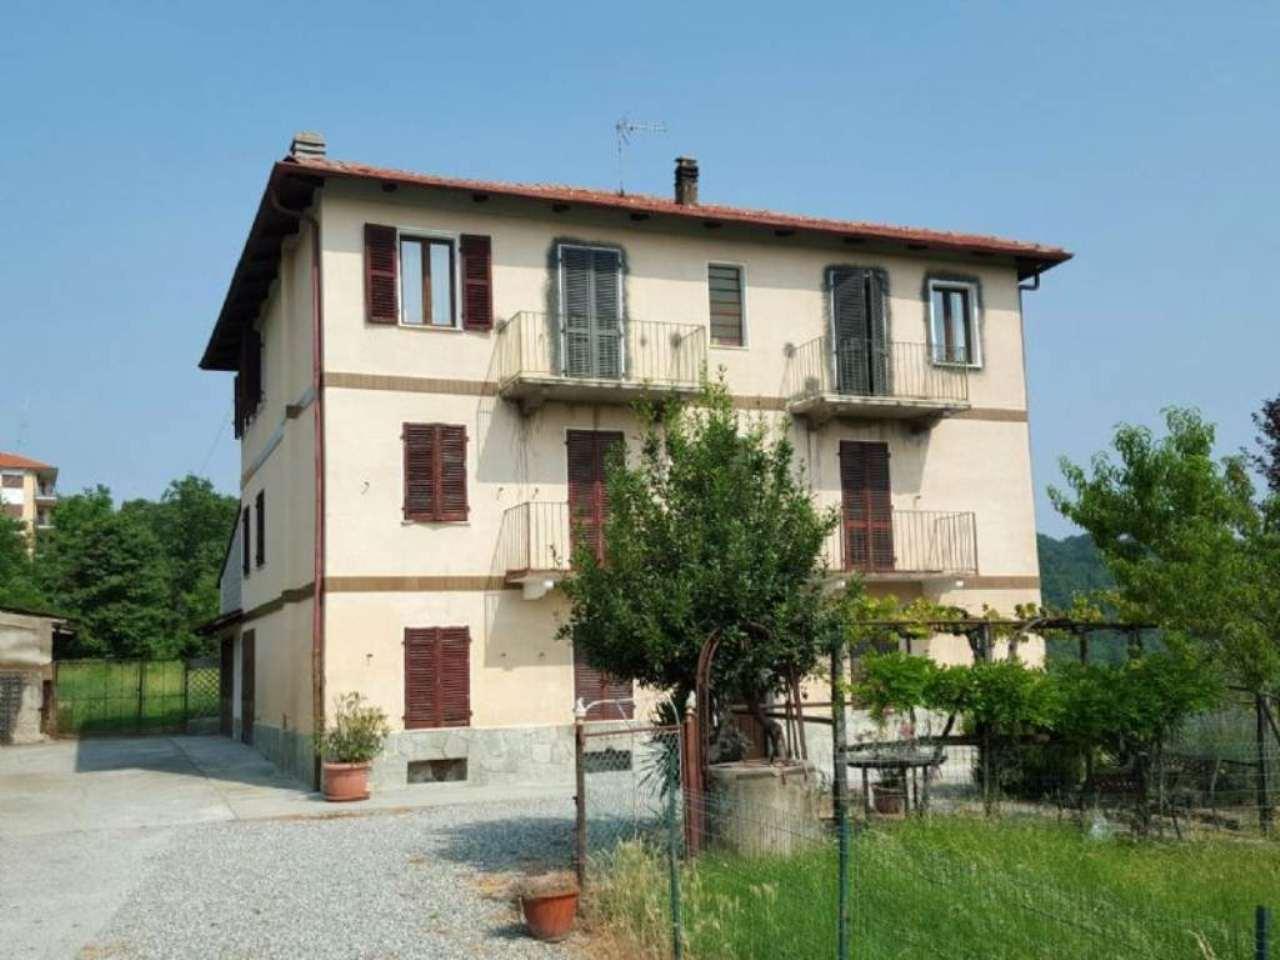 Soluzione Indipendente in vendita a Baldissero Torinese, 8 locali, prezzo € 290.000   Cambio Casa.it